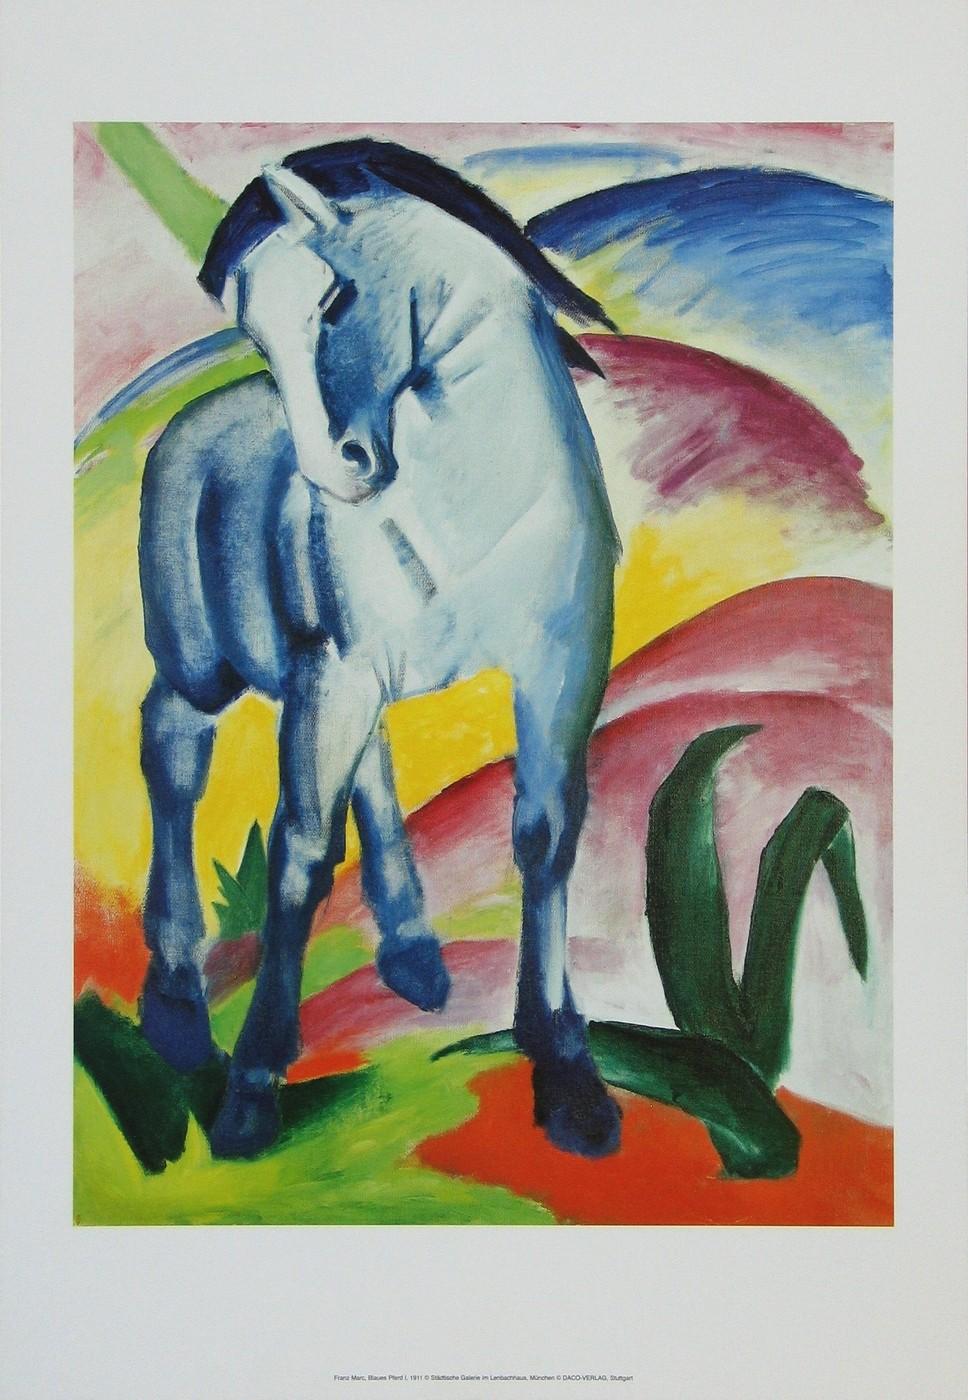 Franz Marc, Blaues Pferd I, 1911 (Wunschgröße, Malerei, Expressionismus, Pferd, Freiheit, Landschaft, Hügel, Tier, figurativ, klassische Moderne, Wohnzimmer, Arztpraxis, Treppenhaus, blau, bunt)